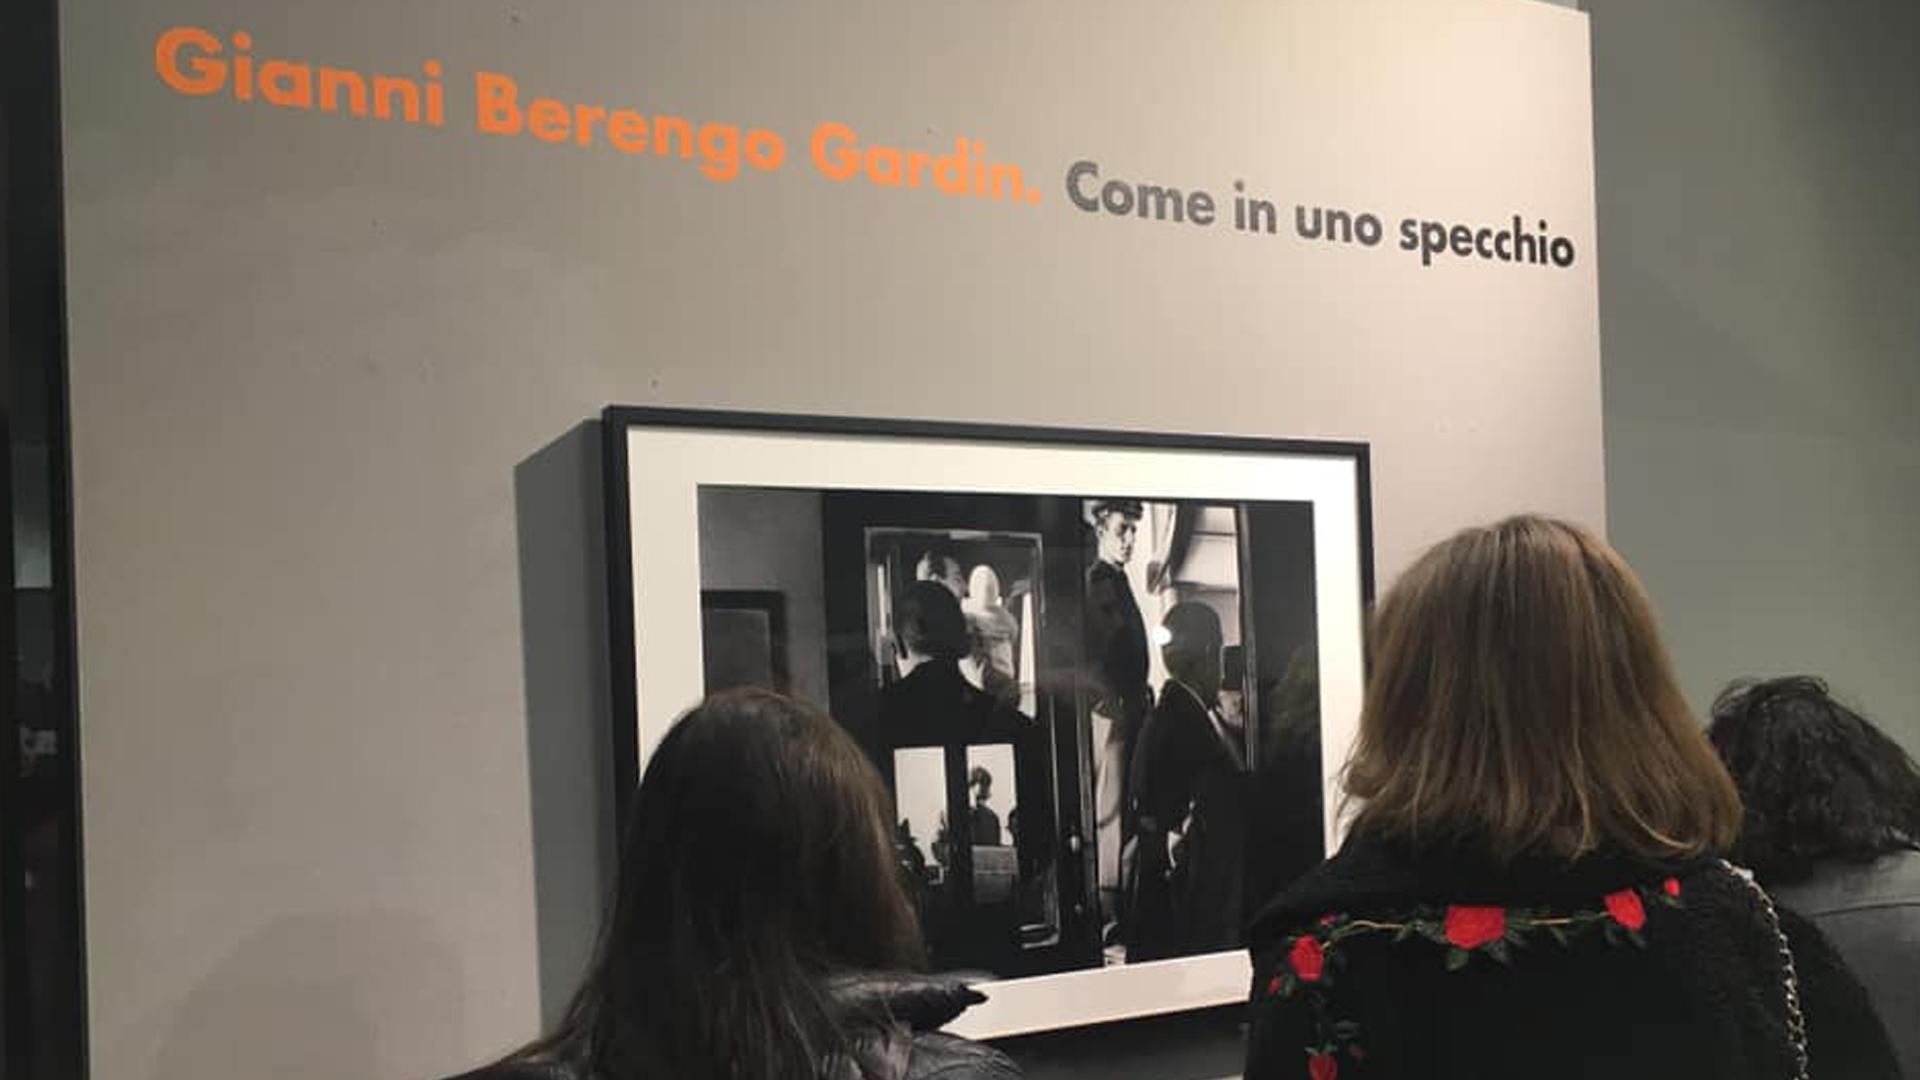 Gianni Berengo Gardin - Come in uno specchio